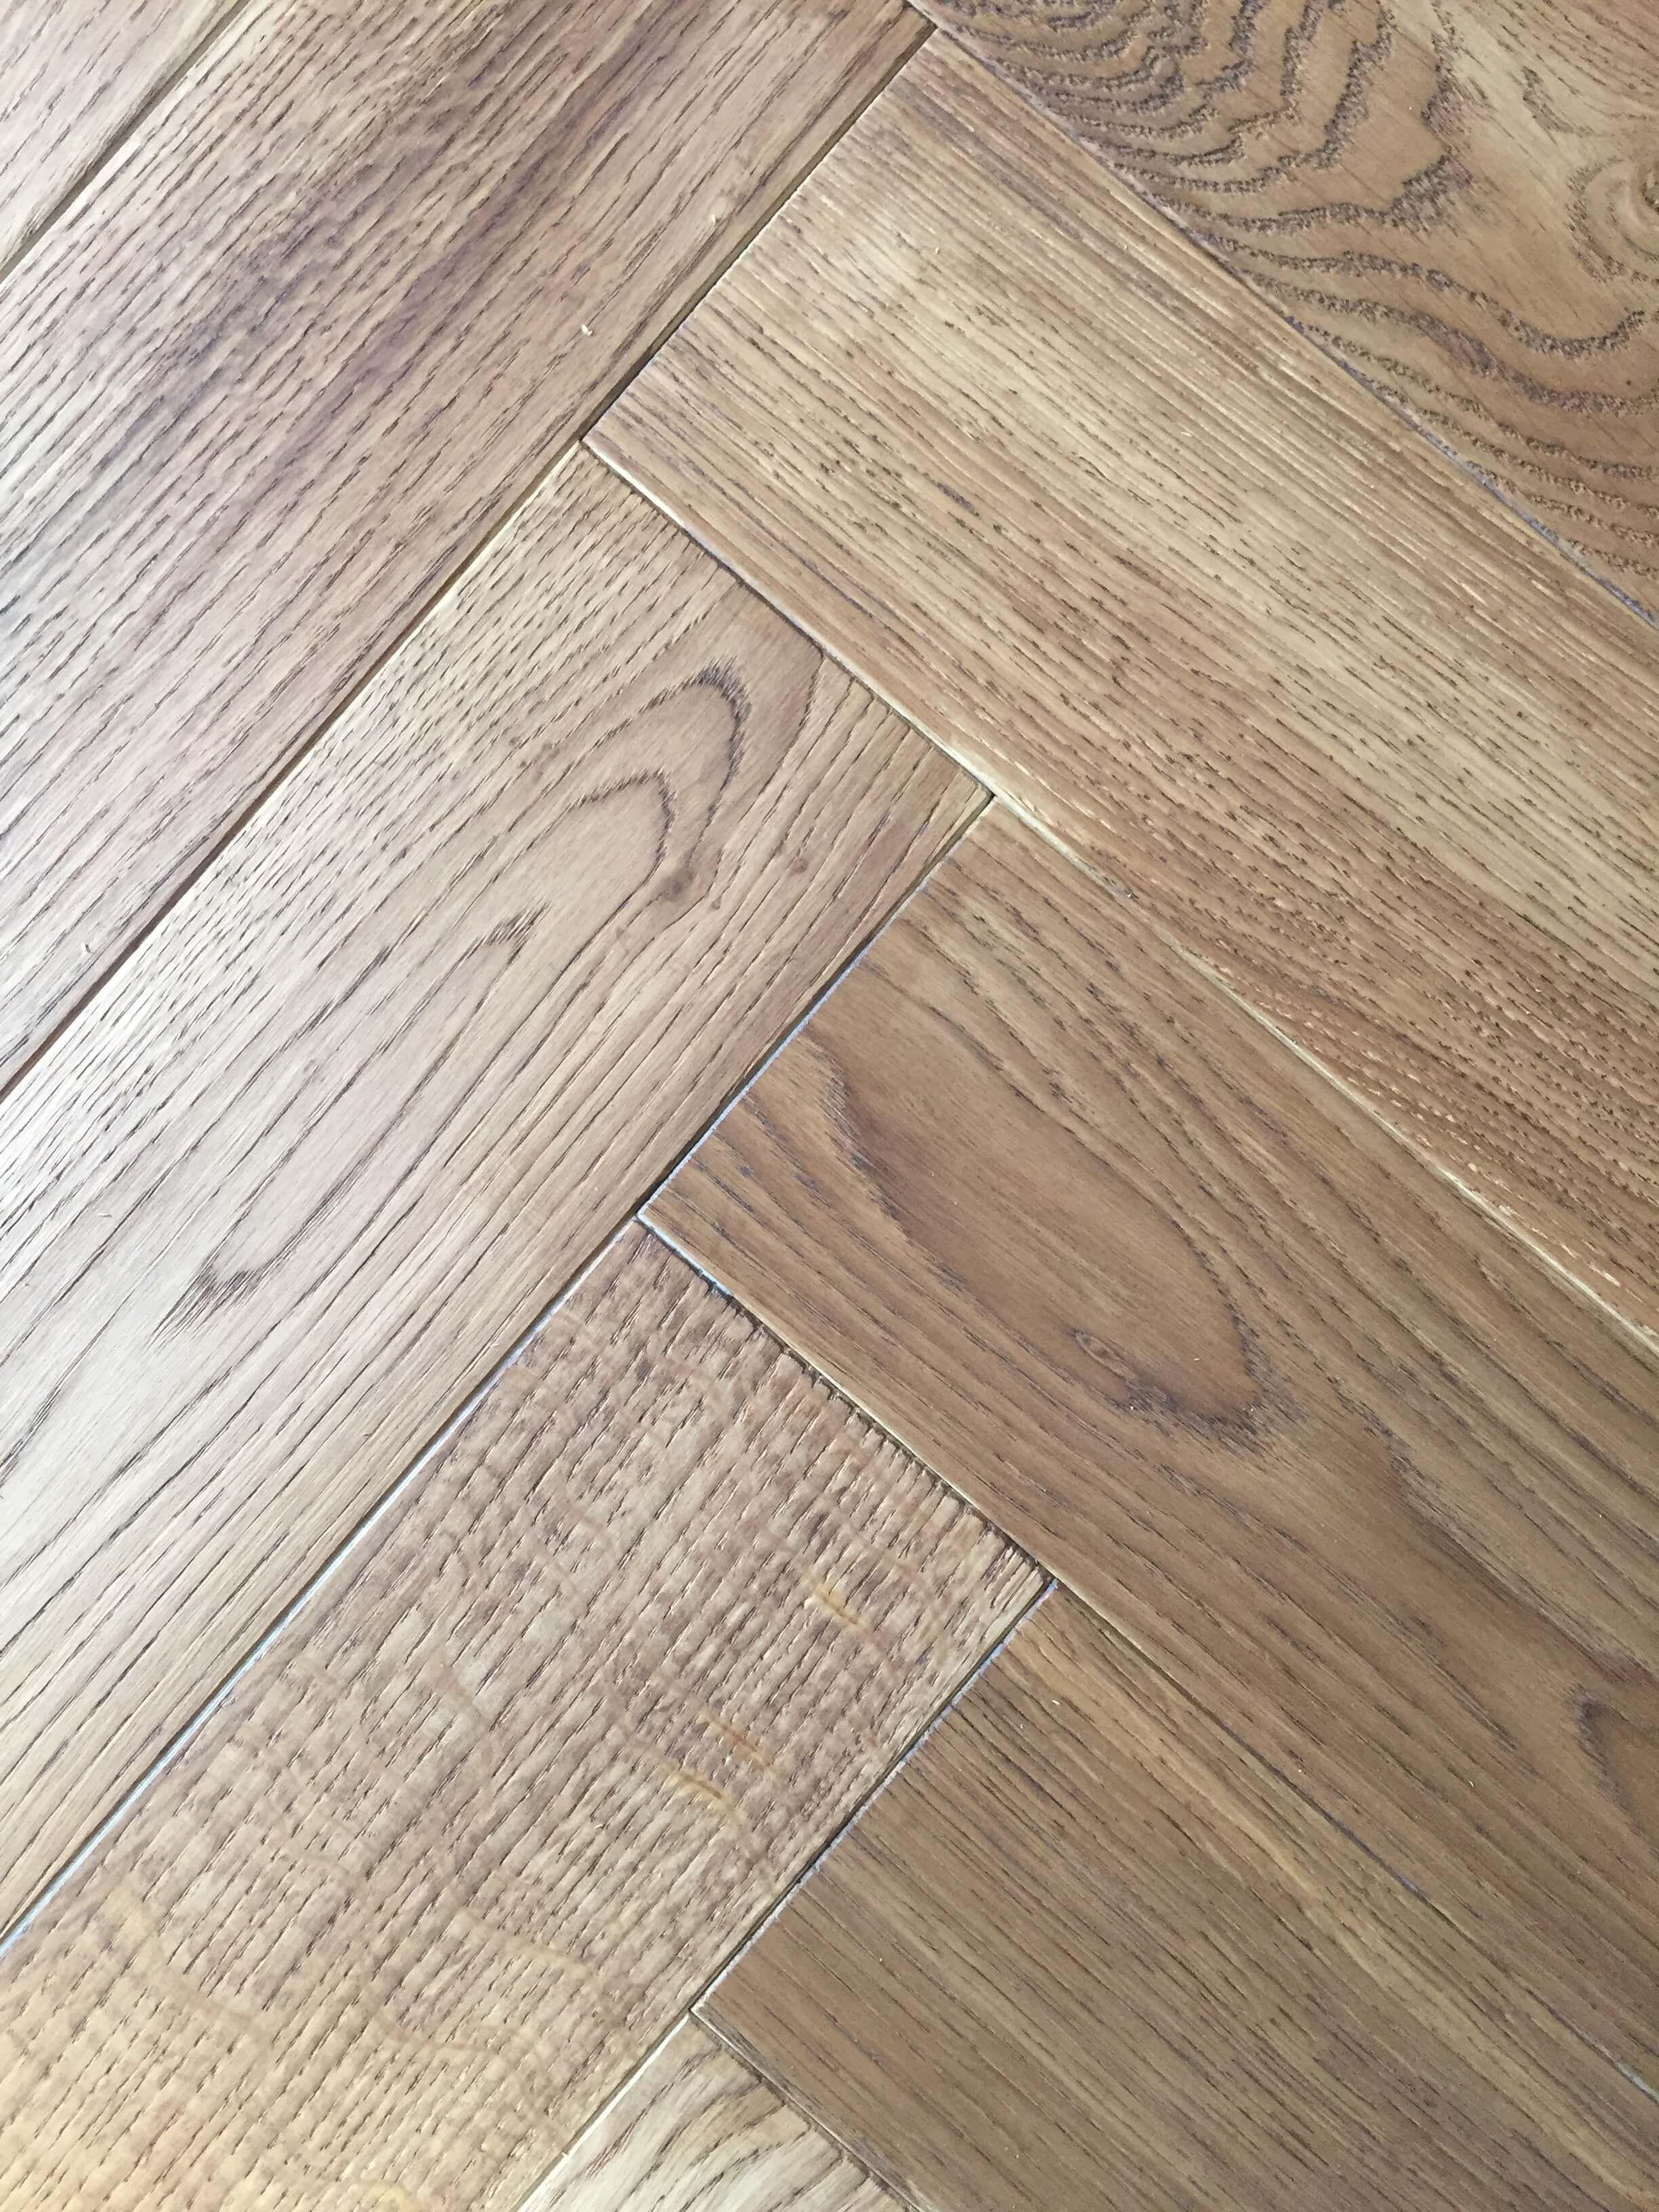 tongue and groove engineered hardwood flooring of pine wood flooring level 2 prefinished hardwood natural floor plan regarding 40 light oak engineered hardwood flooring ideas